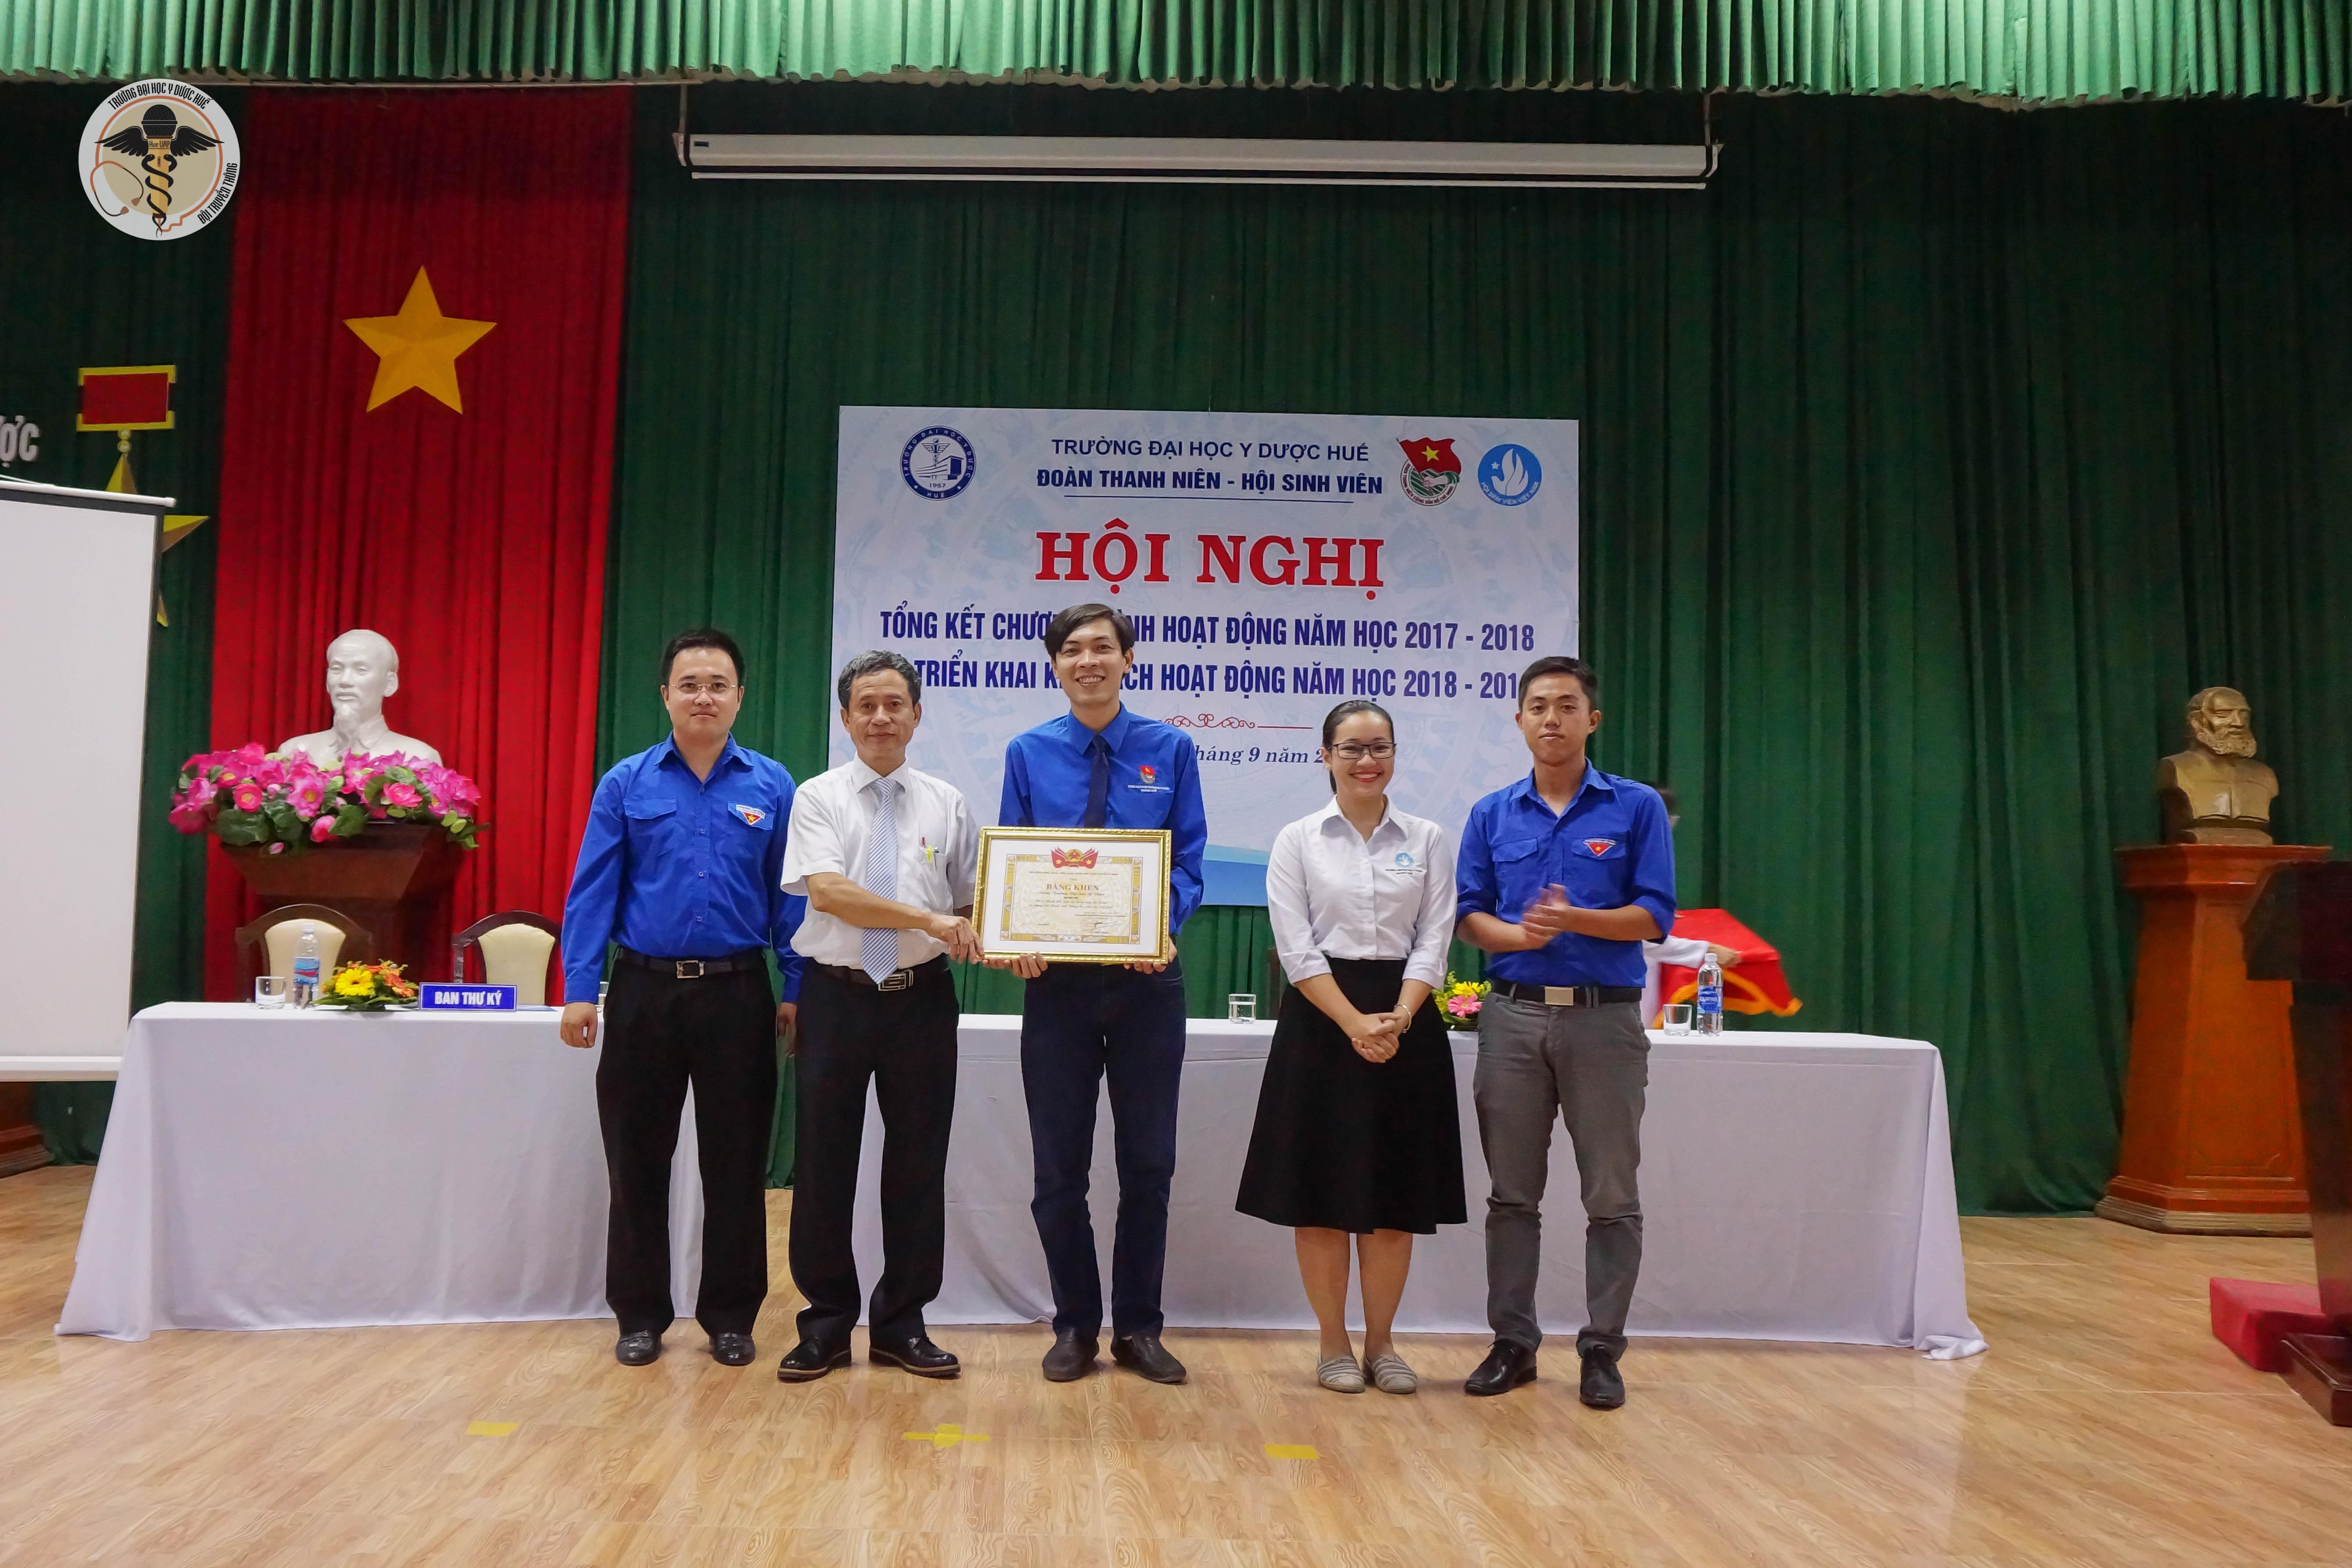 Hội nghị tổng kết công tác Đoàn Thanh niên – Hội sinh viên năm học 2017-2018